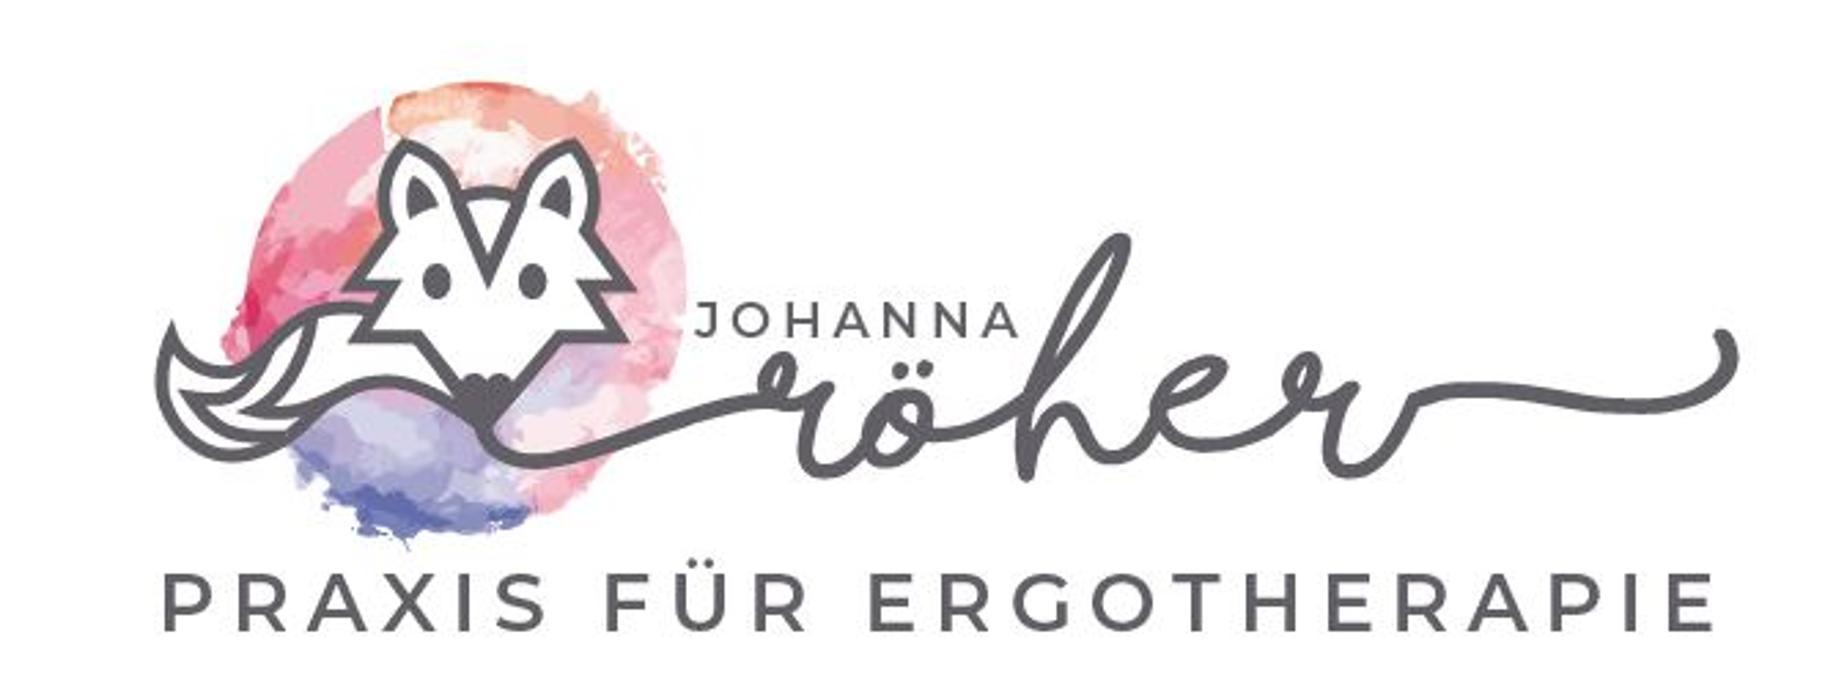 Bild zu Praxis für Ergotherapie Johanna Röher in Pulheim